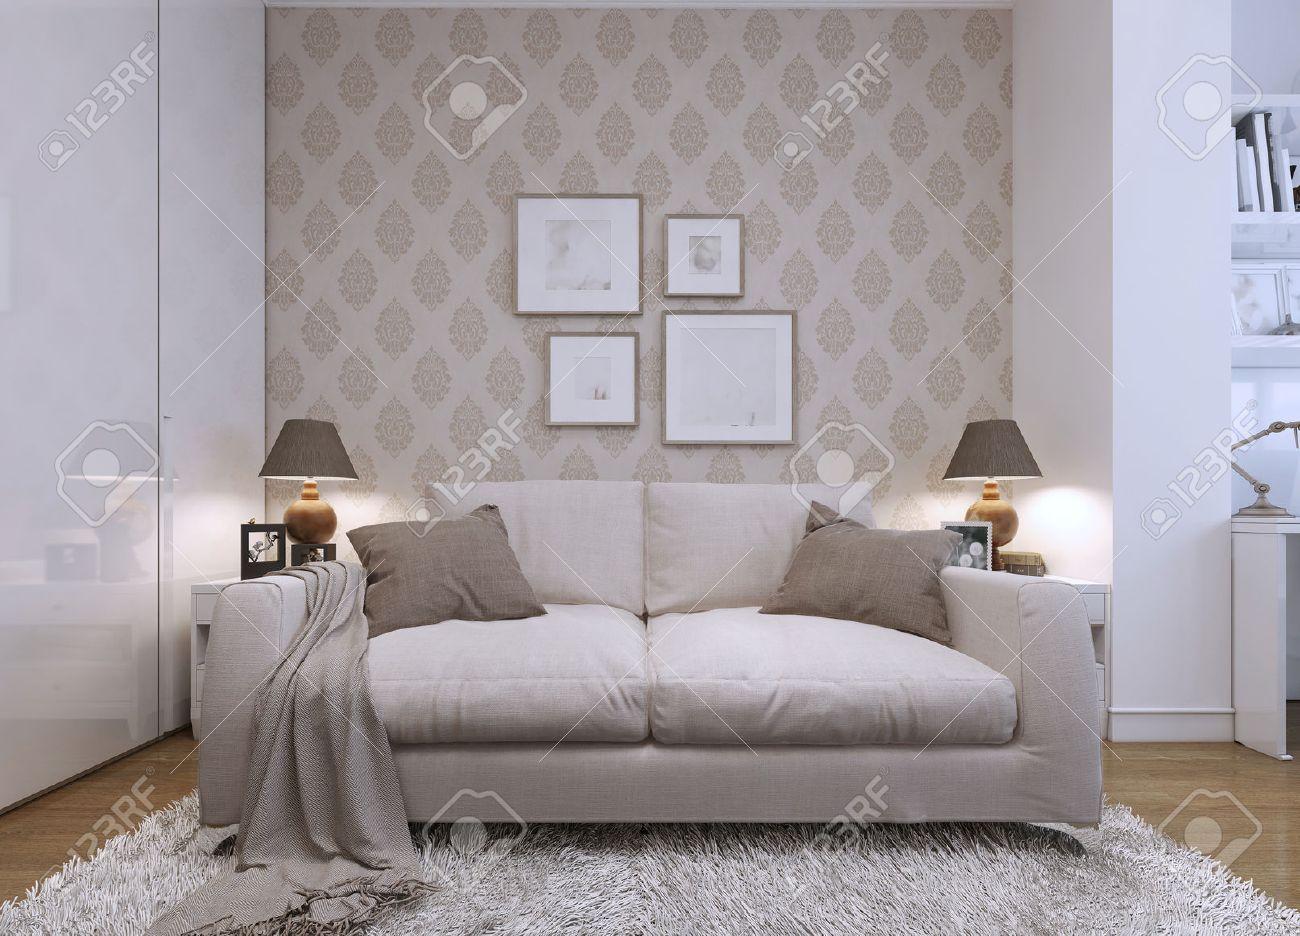 divano beige in soggiorno in uno stile moderno. carta da parati ... - Carta Da Parati Moderna Soggiorno